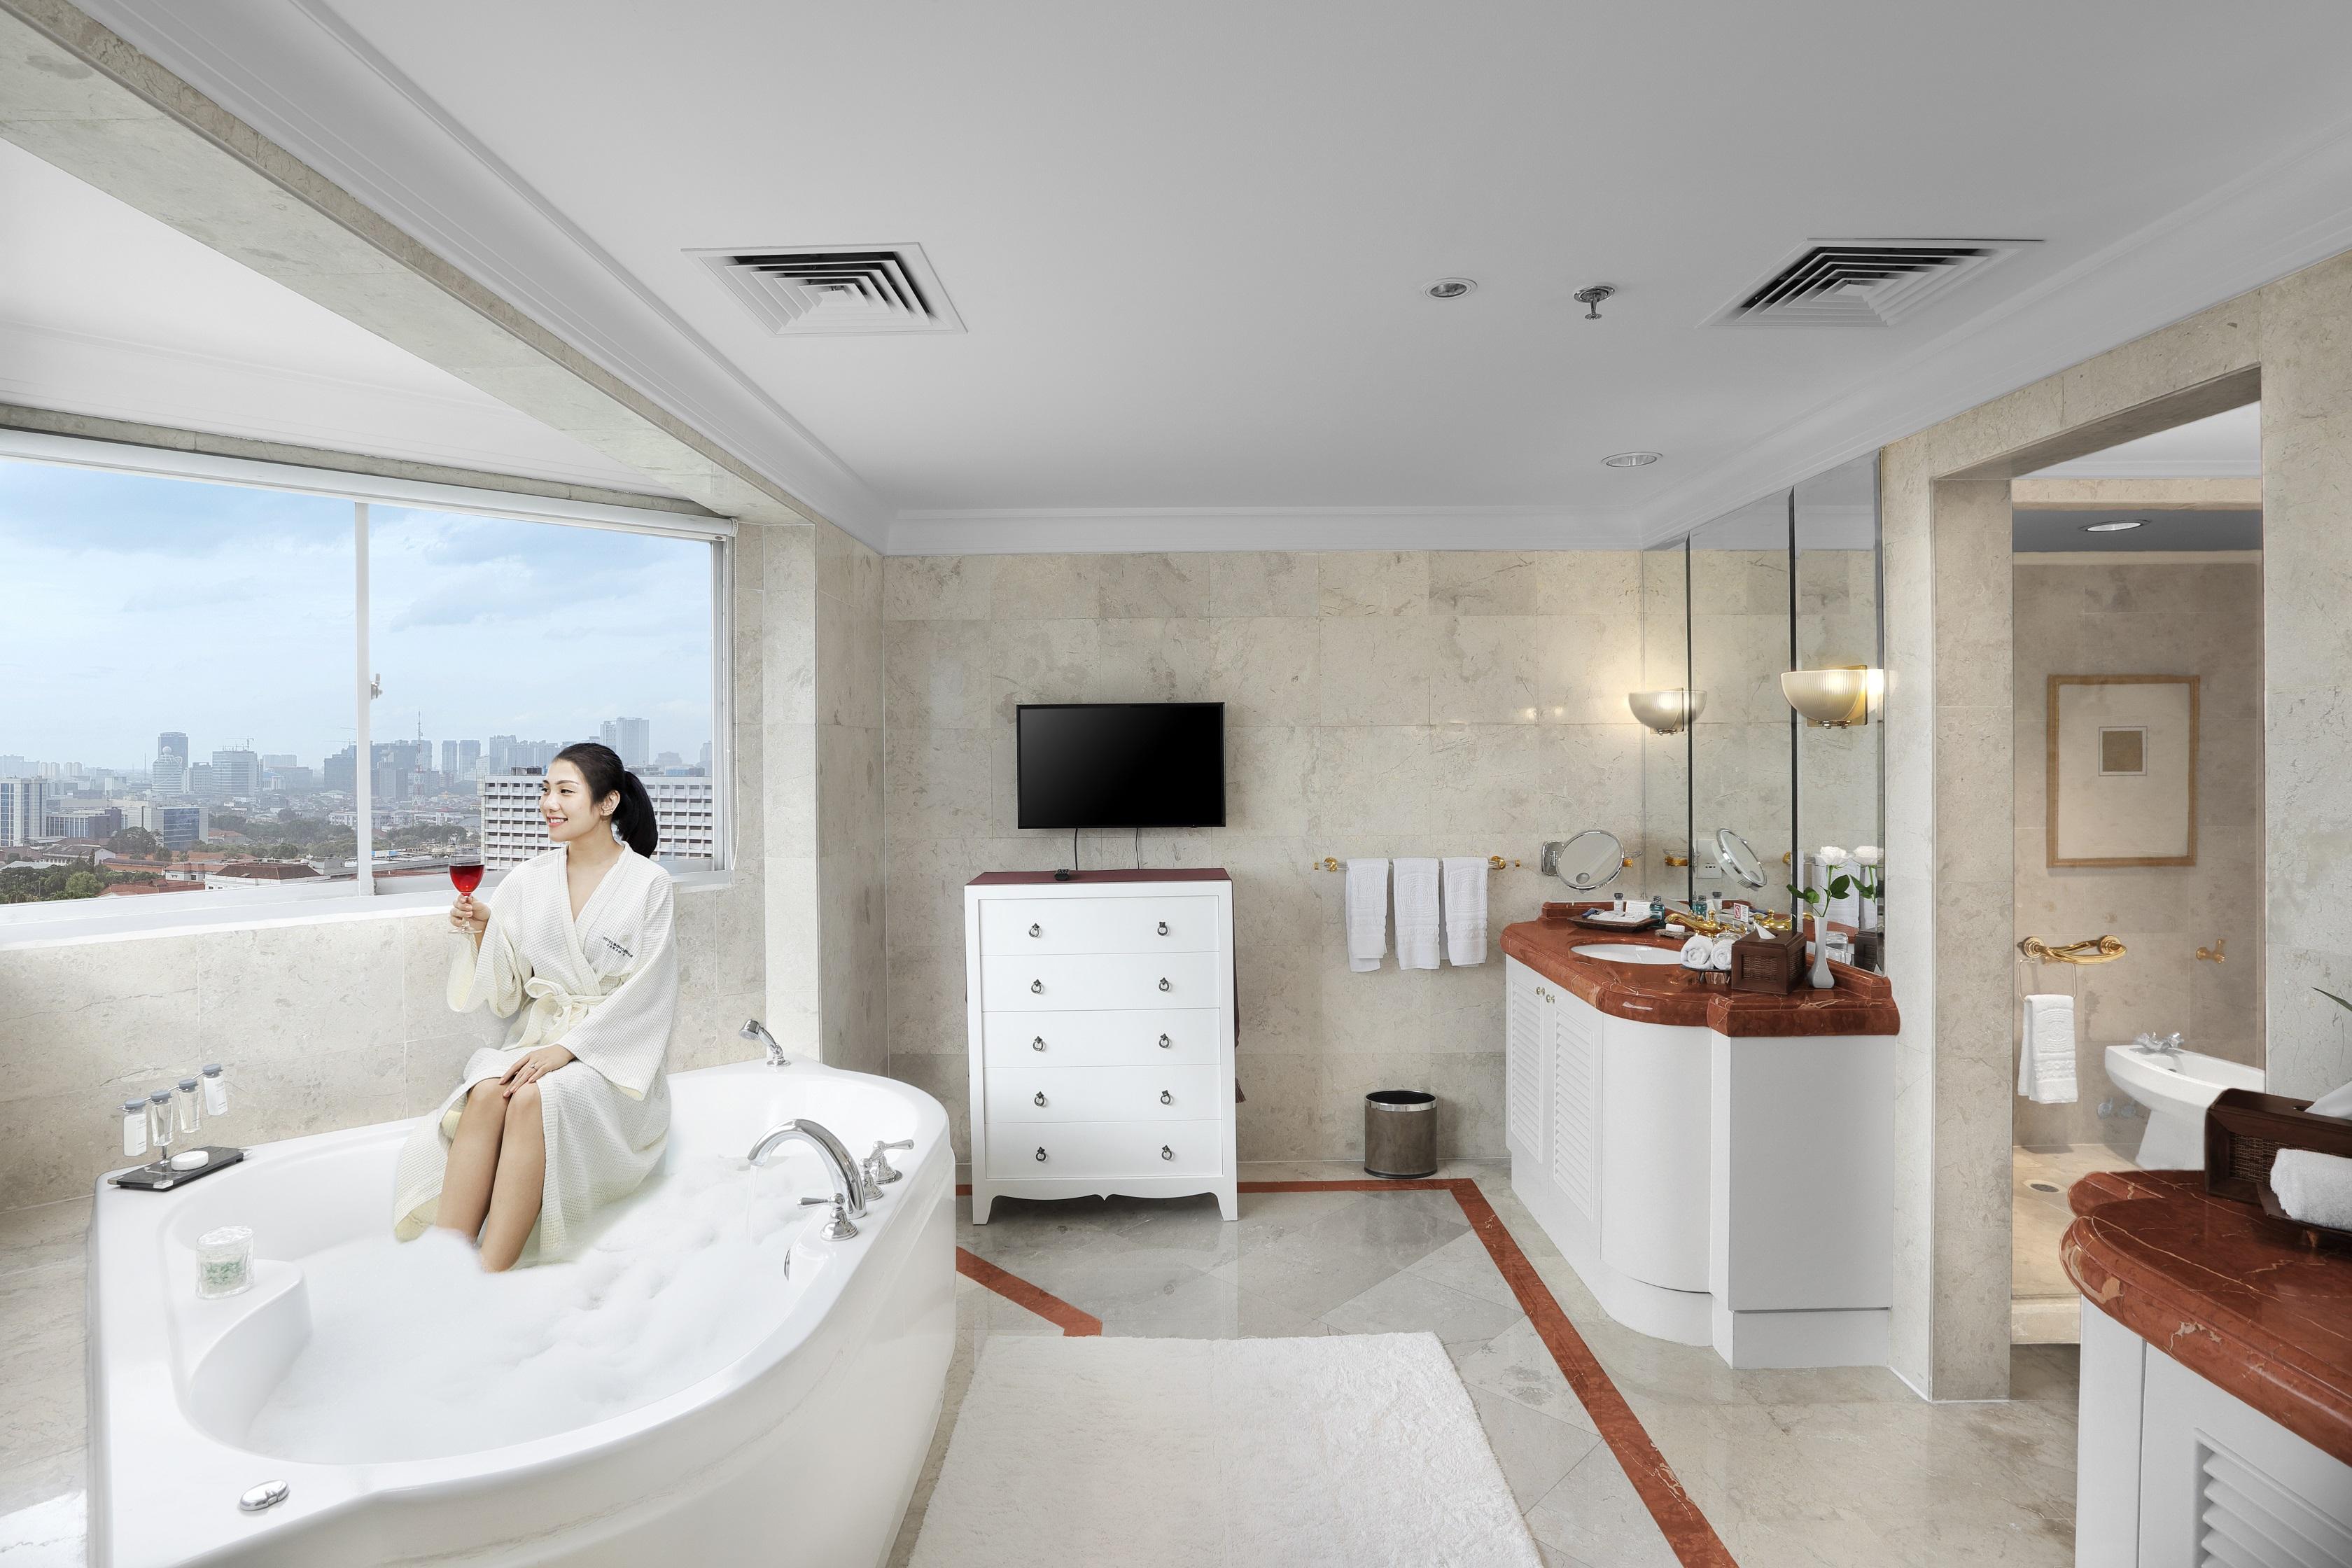 Luxury Jakarta Accommodation Presidential Suite Hotel Borobudur Jakarta